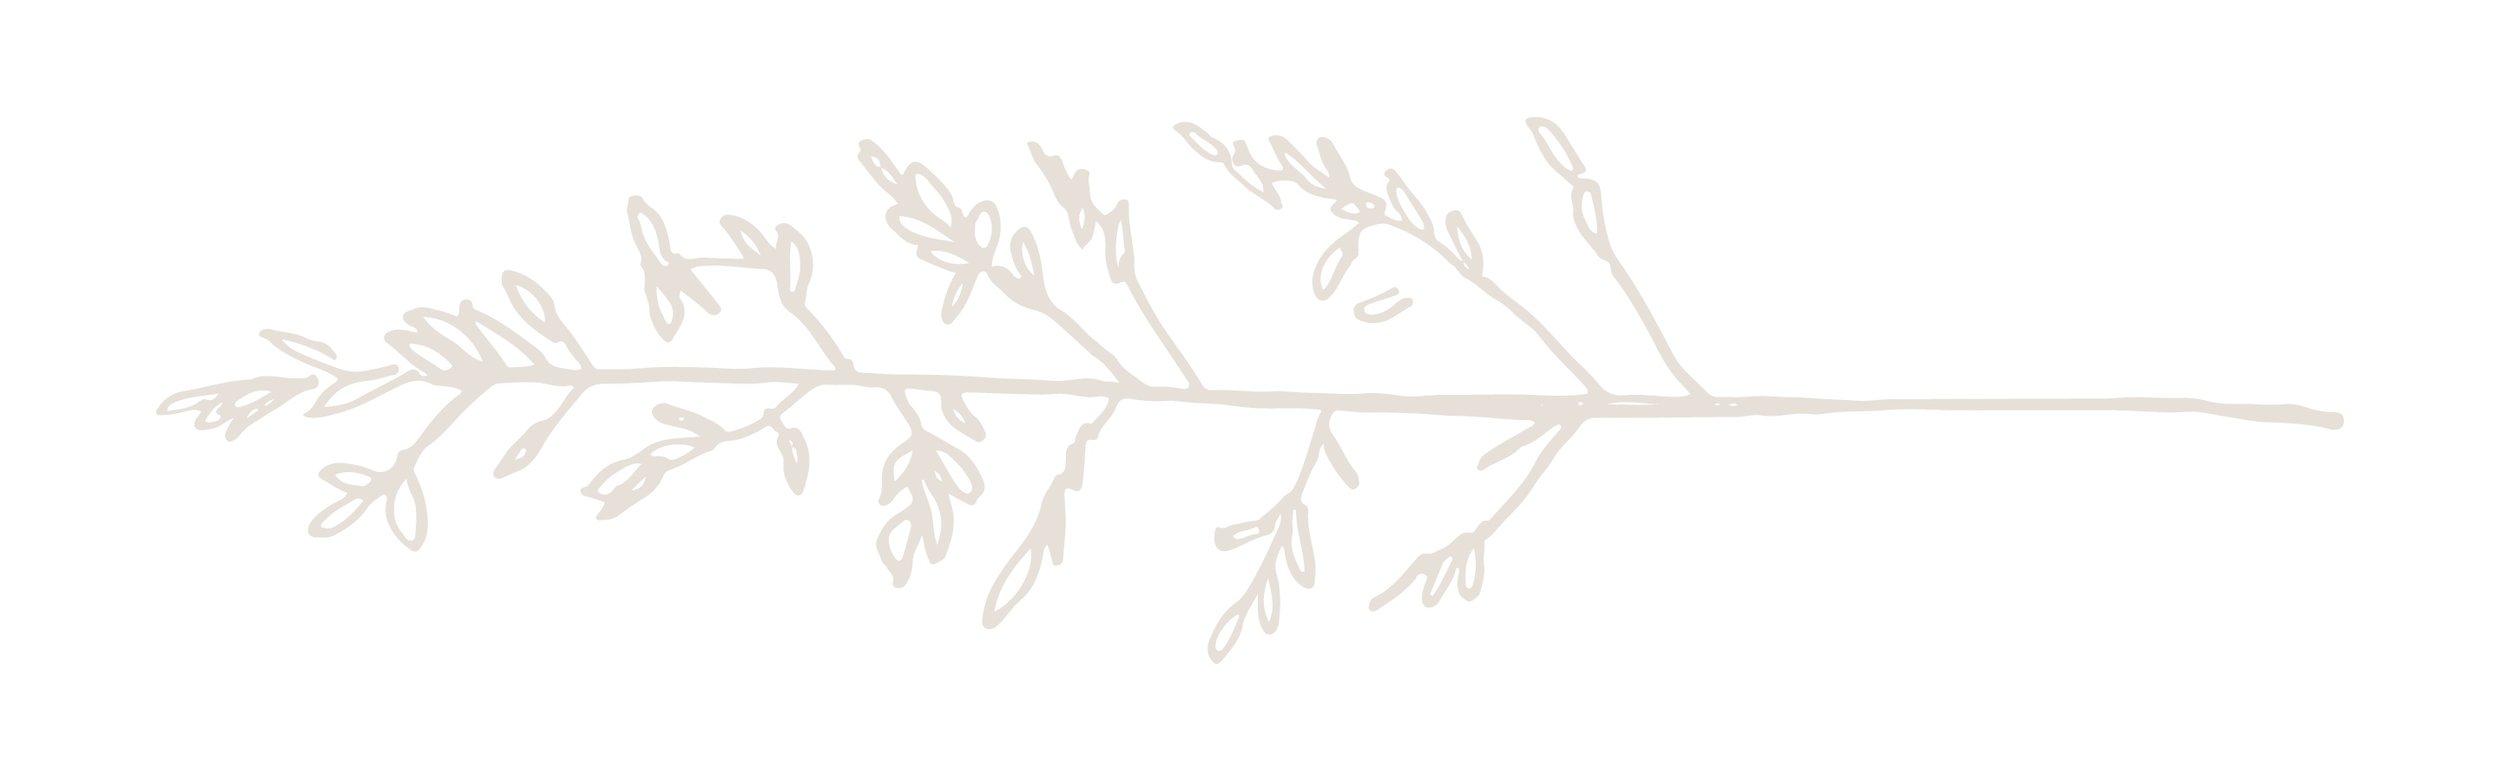 TAL001-Illustration-14-1Color-Sand-Final.jpg